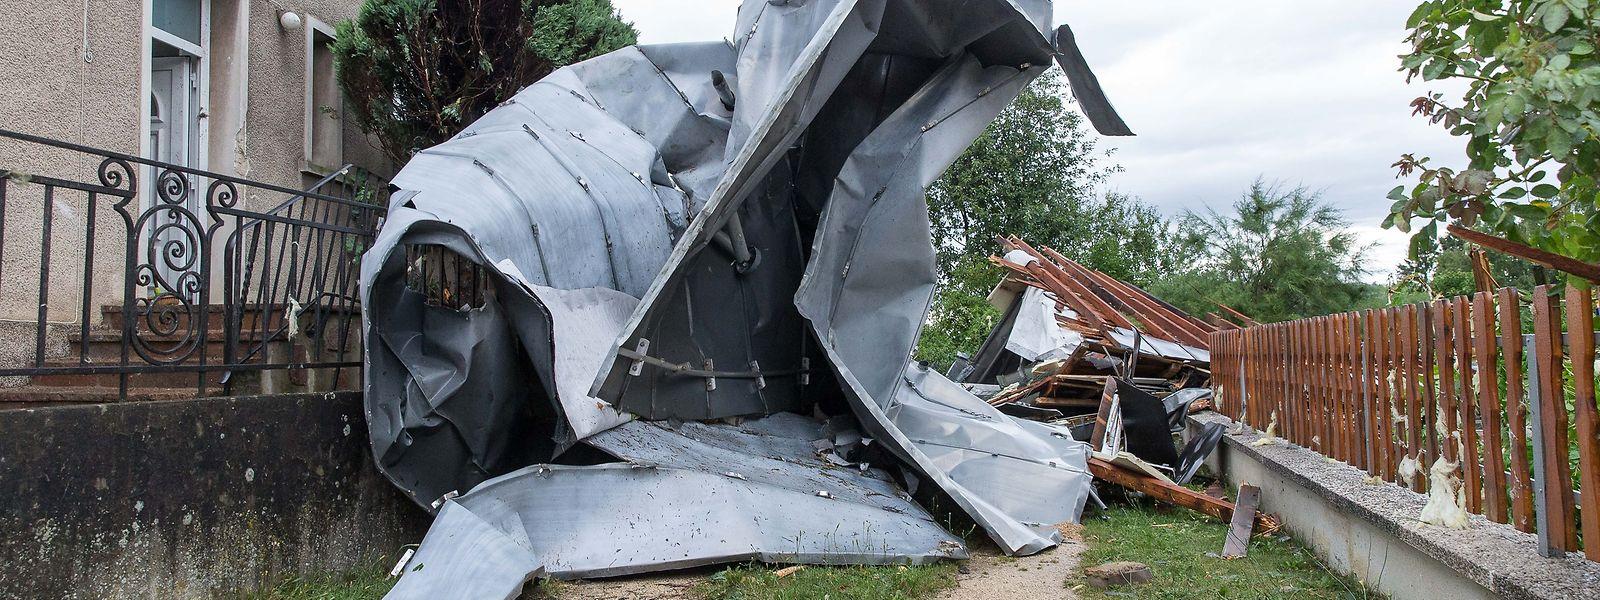 Les vents dévastateurs du 9 août avaient causé des millions d'euros de dégâts, mais les foyers sinistrés semblent tarder à formuler des demandes d'aide.